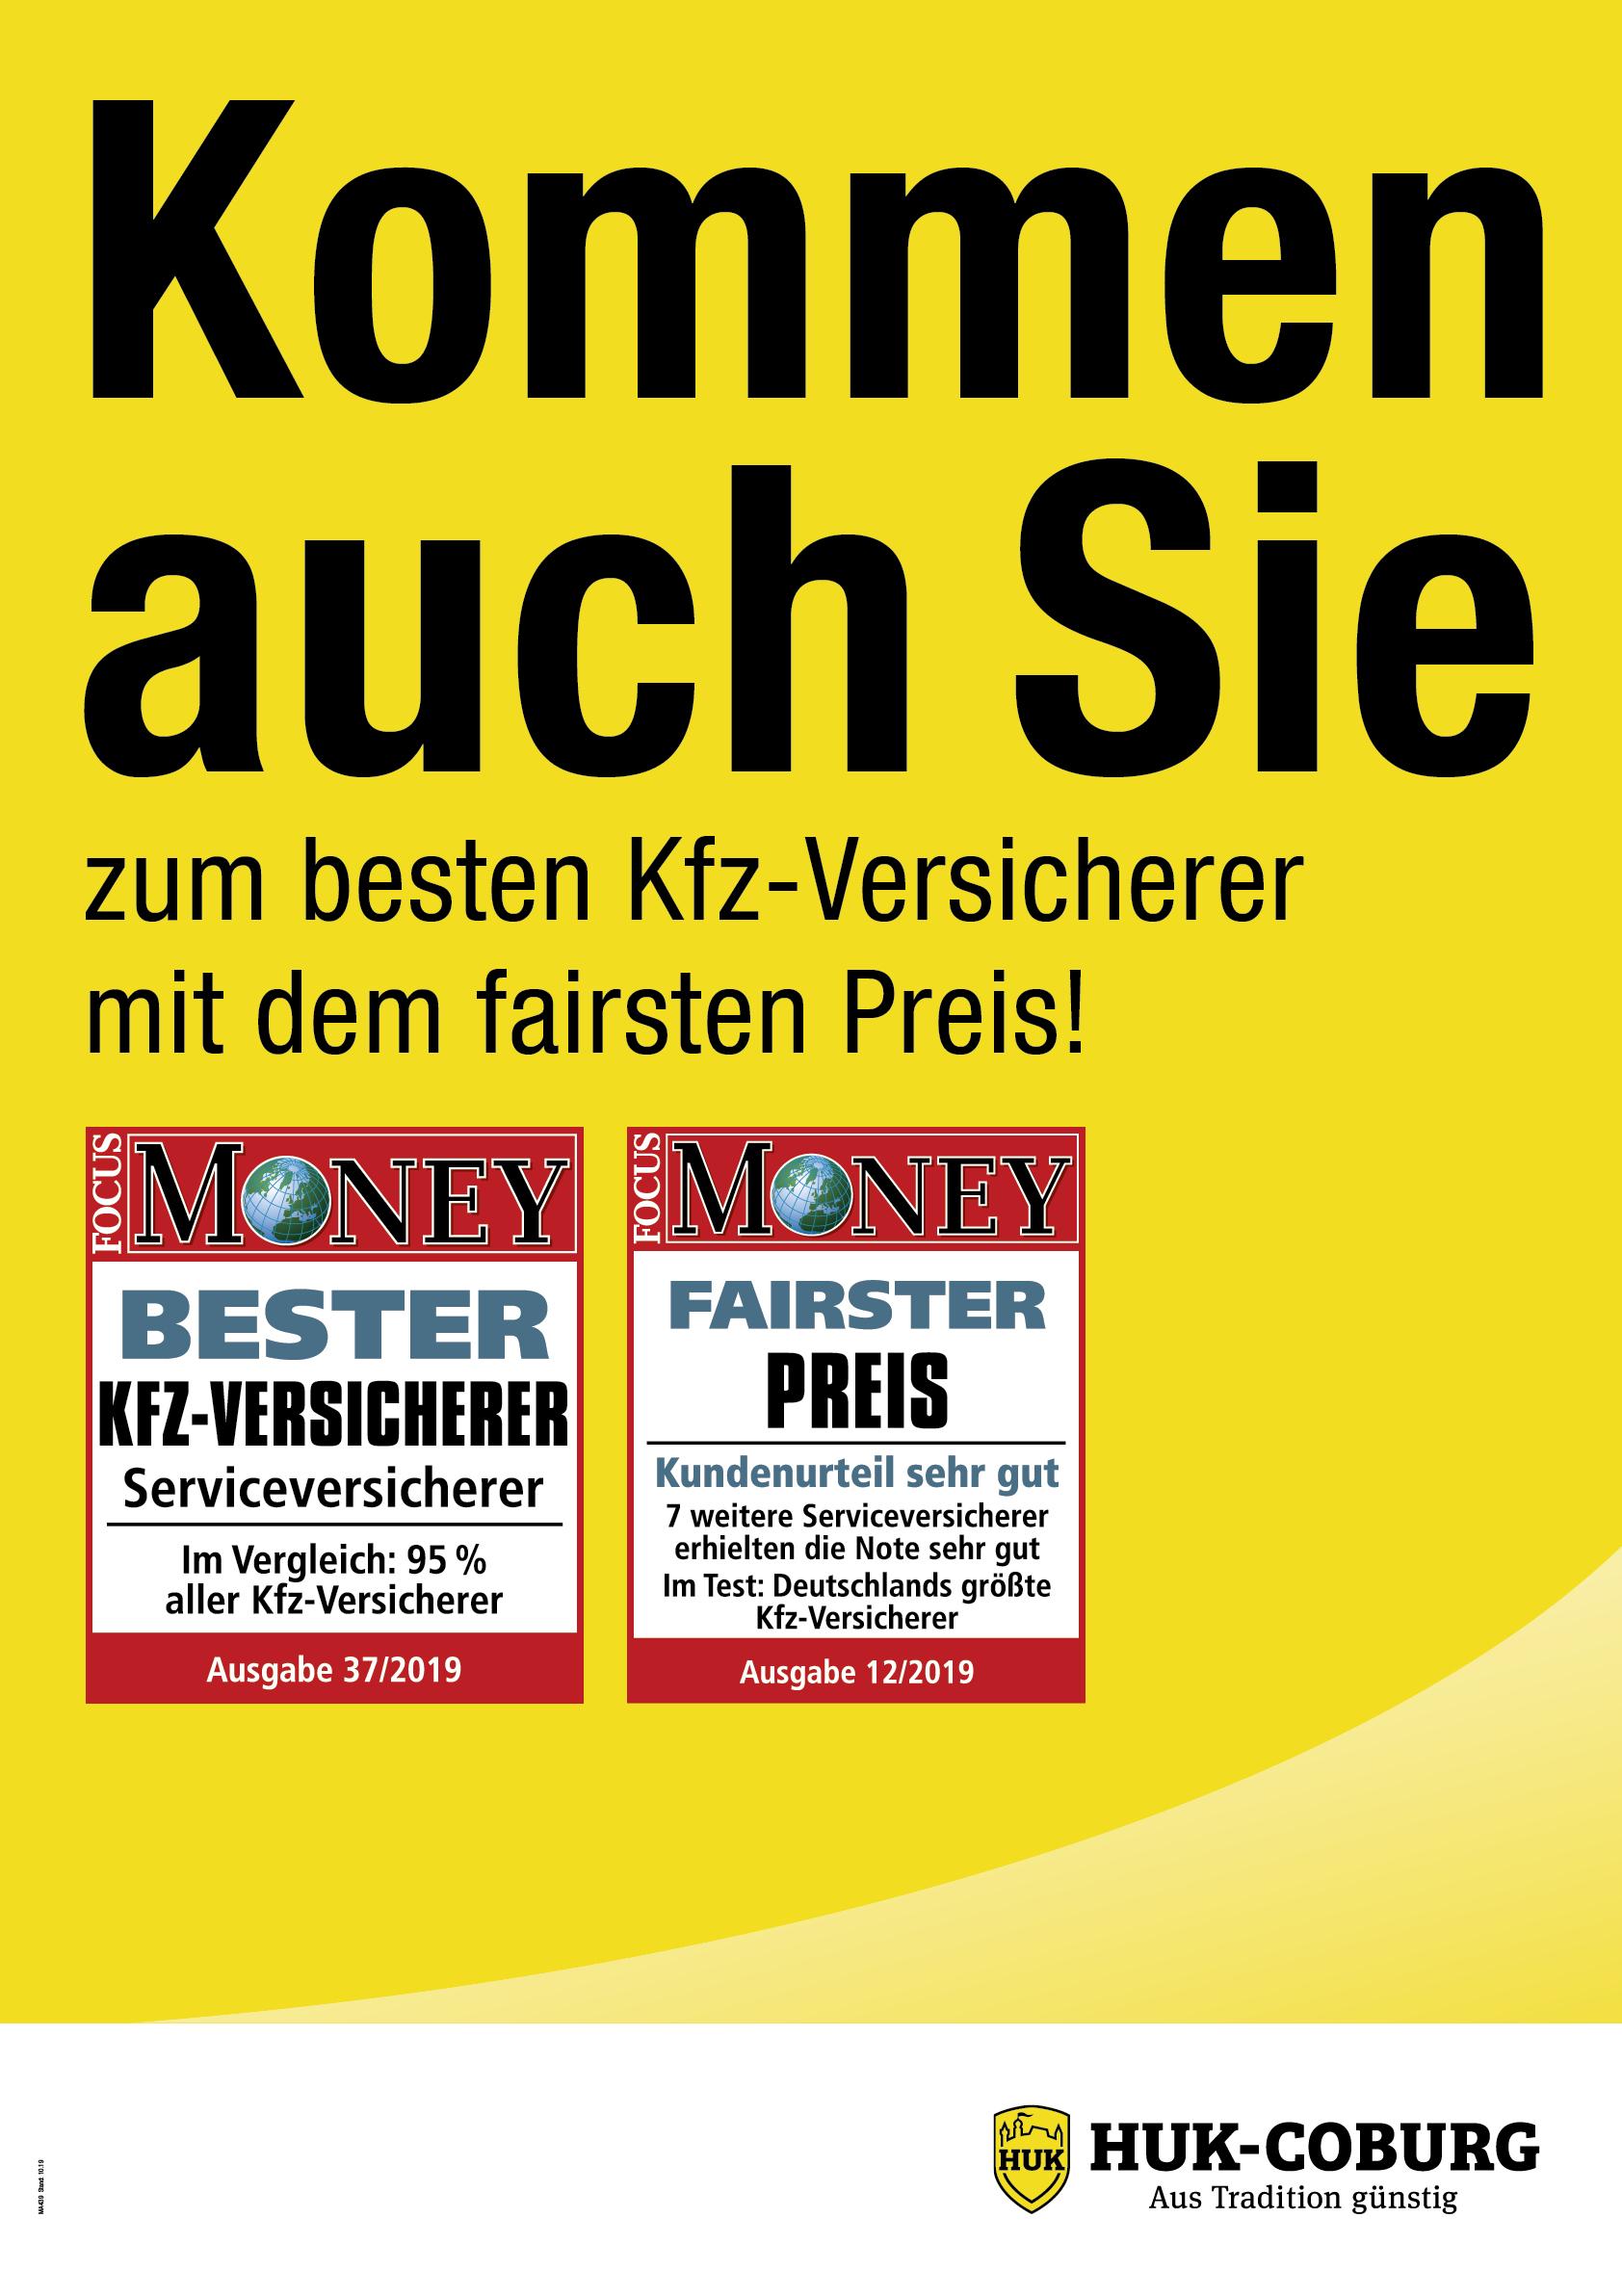 HUK-COBURG Versicherung Elisabeth Kafka in Groß-Gerau